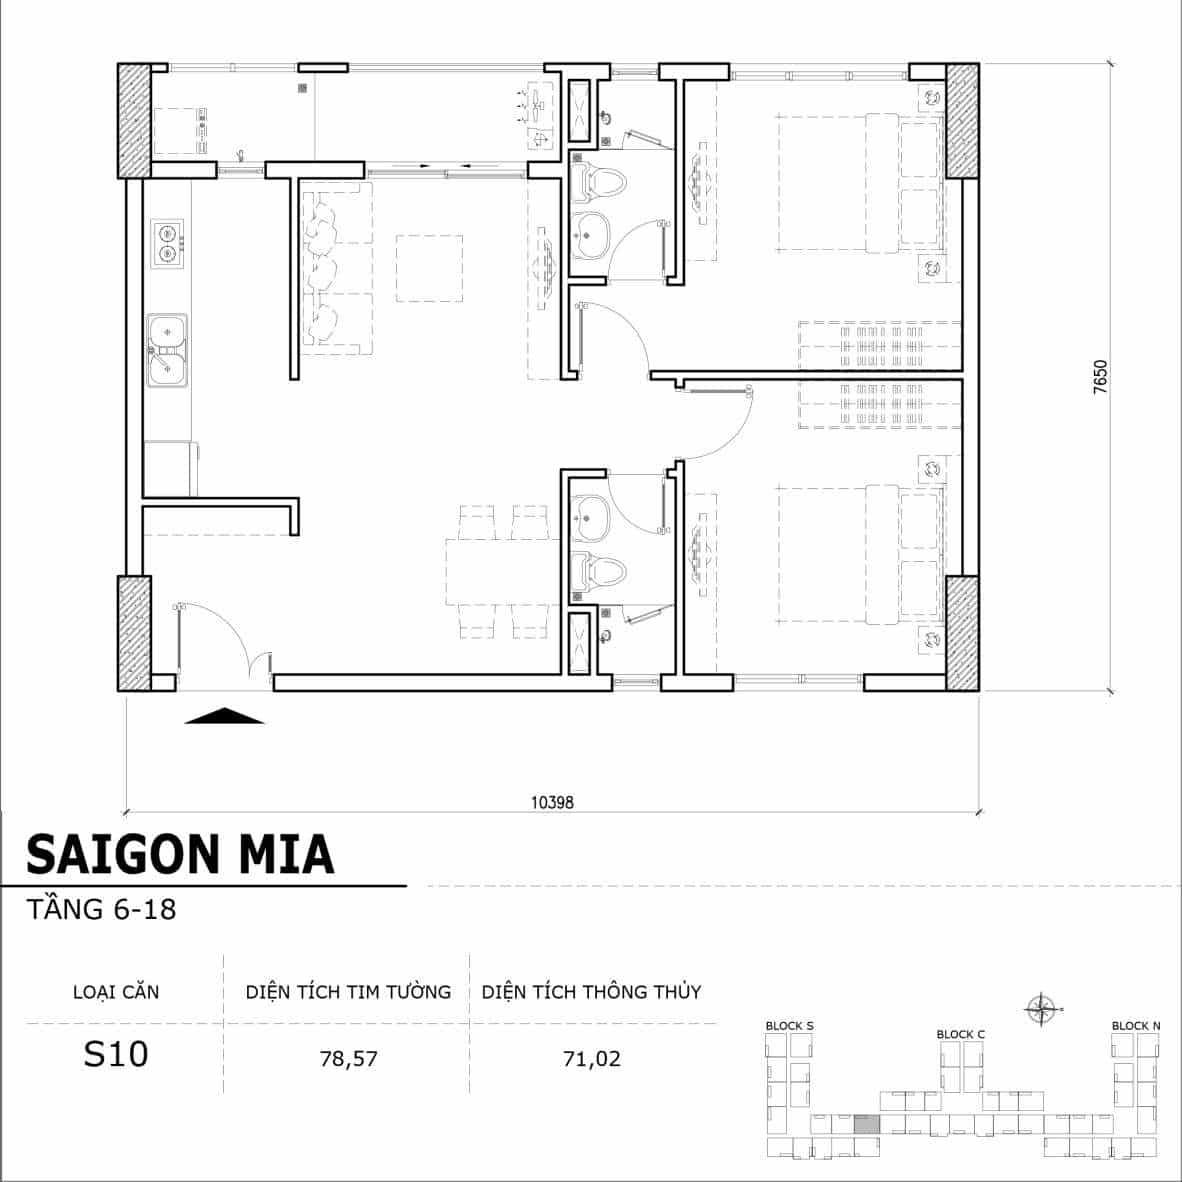 Chi tiết thiết kế căn hộ điển hình tầng 6-18 dự án Sài Gòn Mia - Căn S10